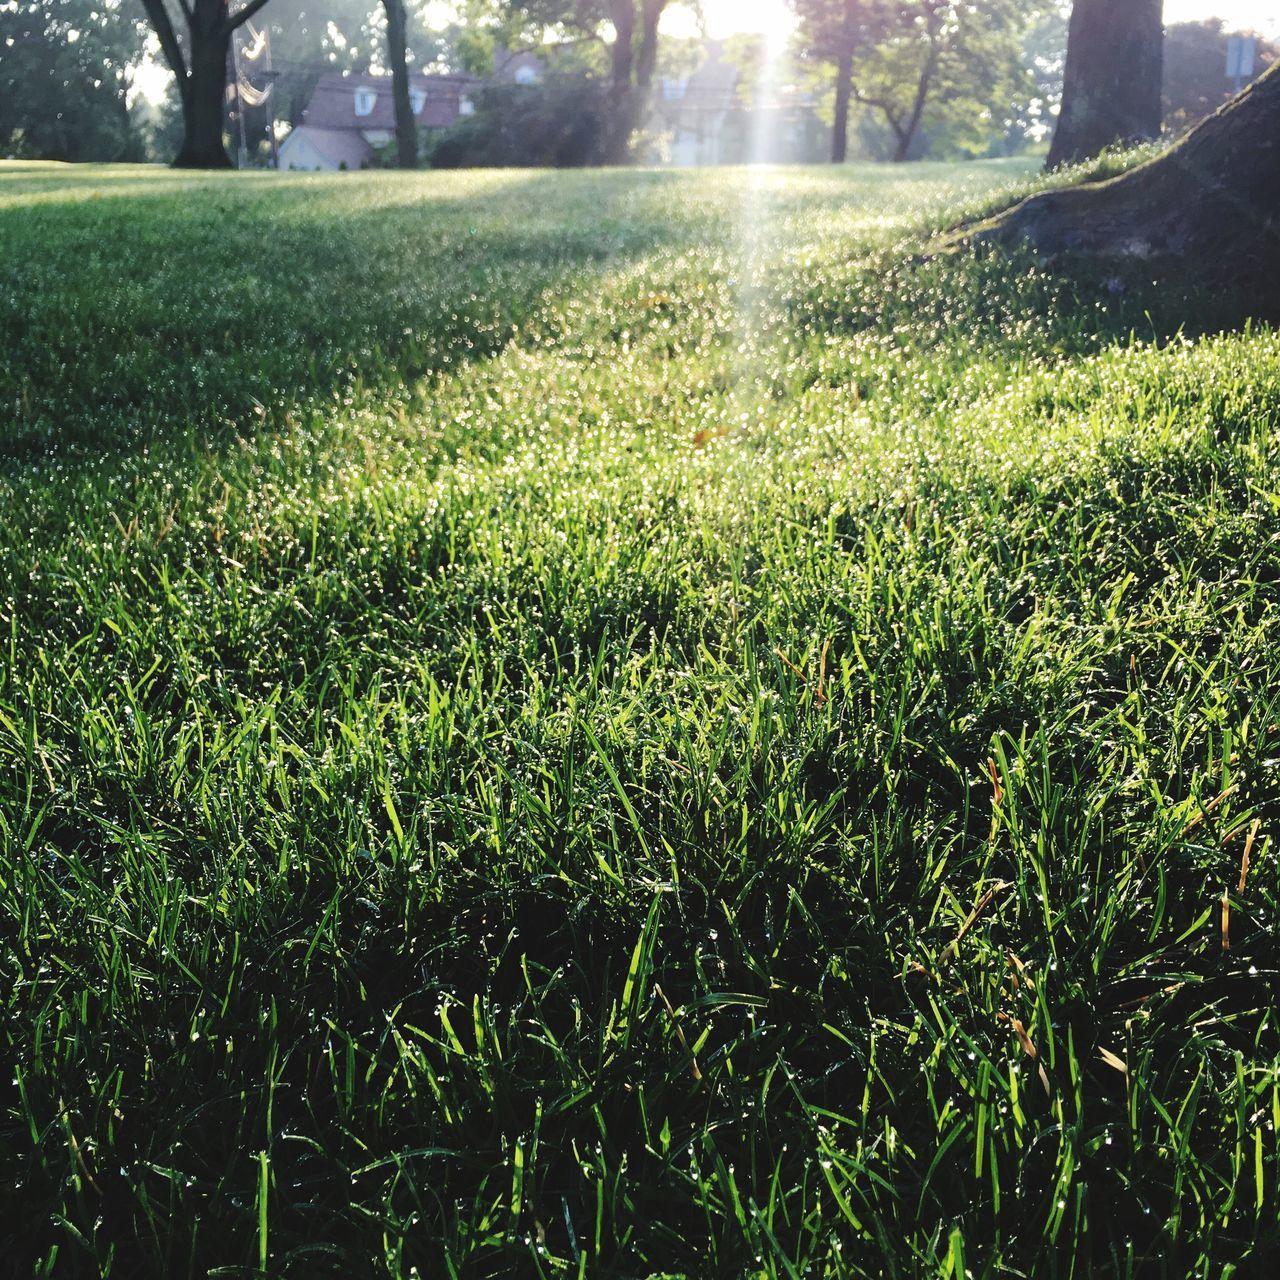 early morning splendor